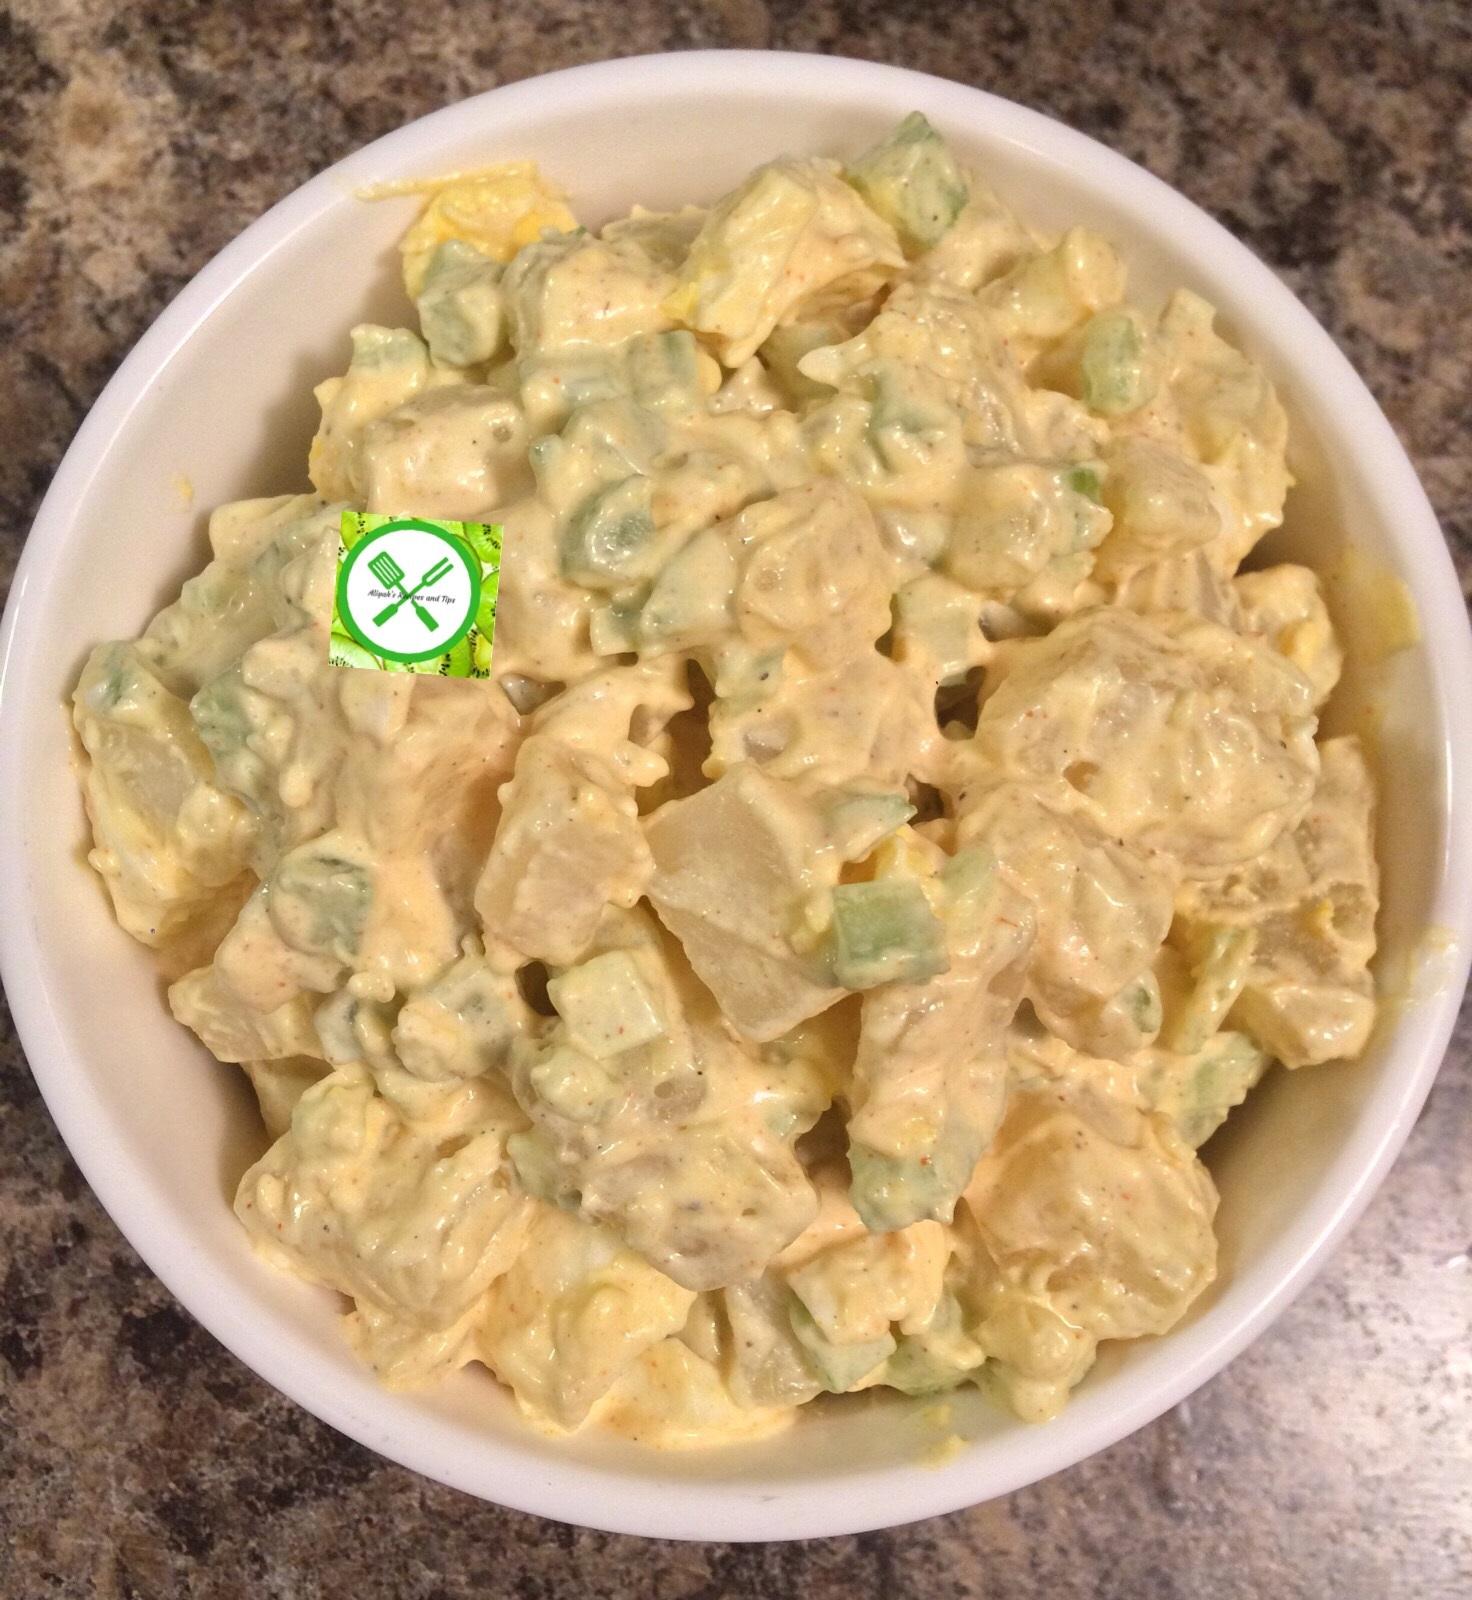 Potato salad served